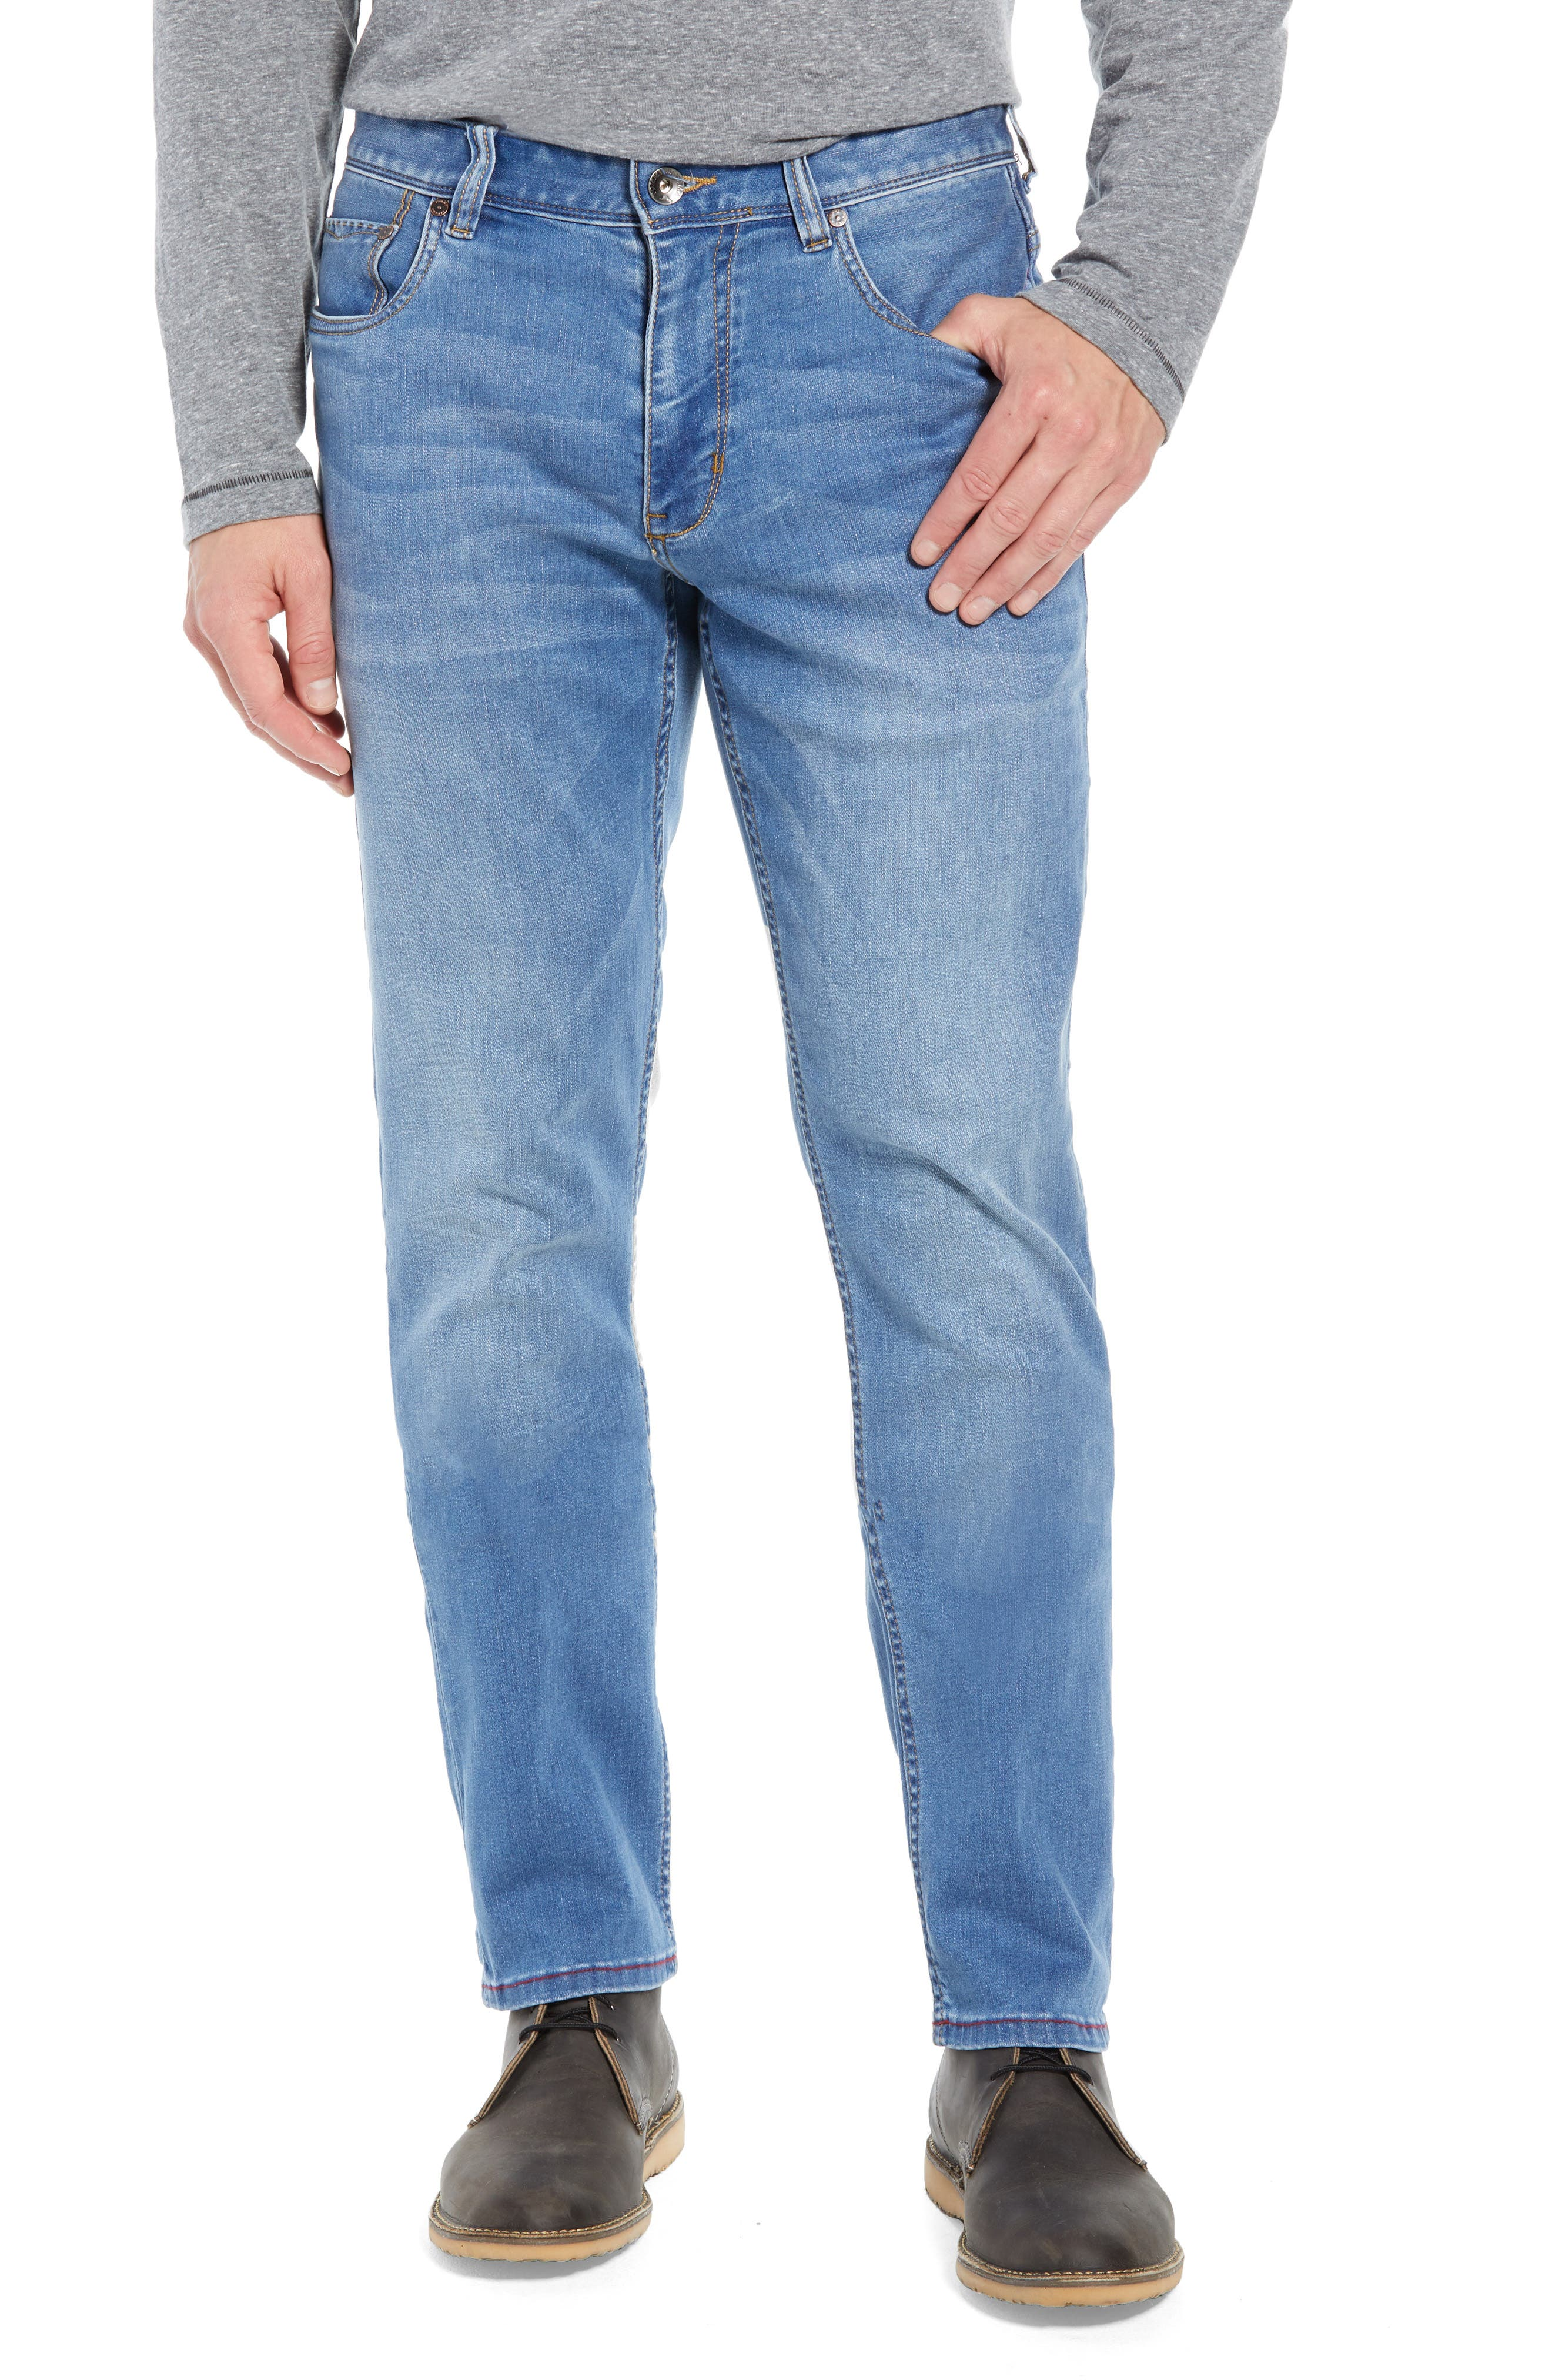 Costa Rica Vintage Regular Fit Jeans,                         Main,                         color, MED WASH